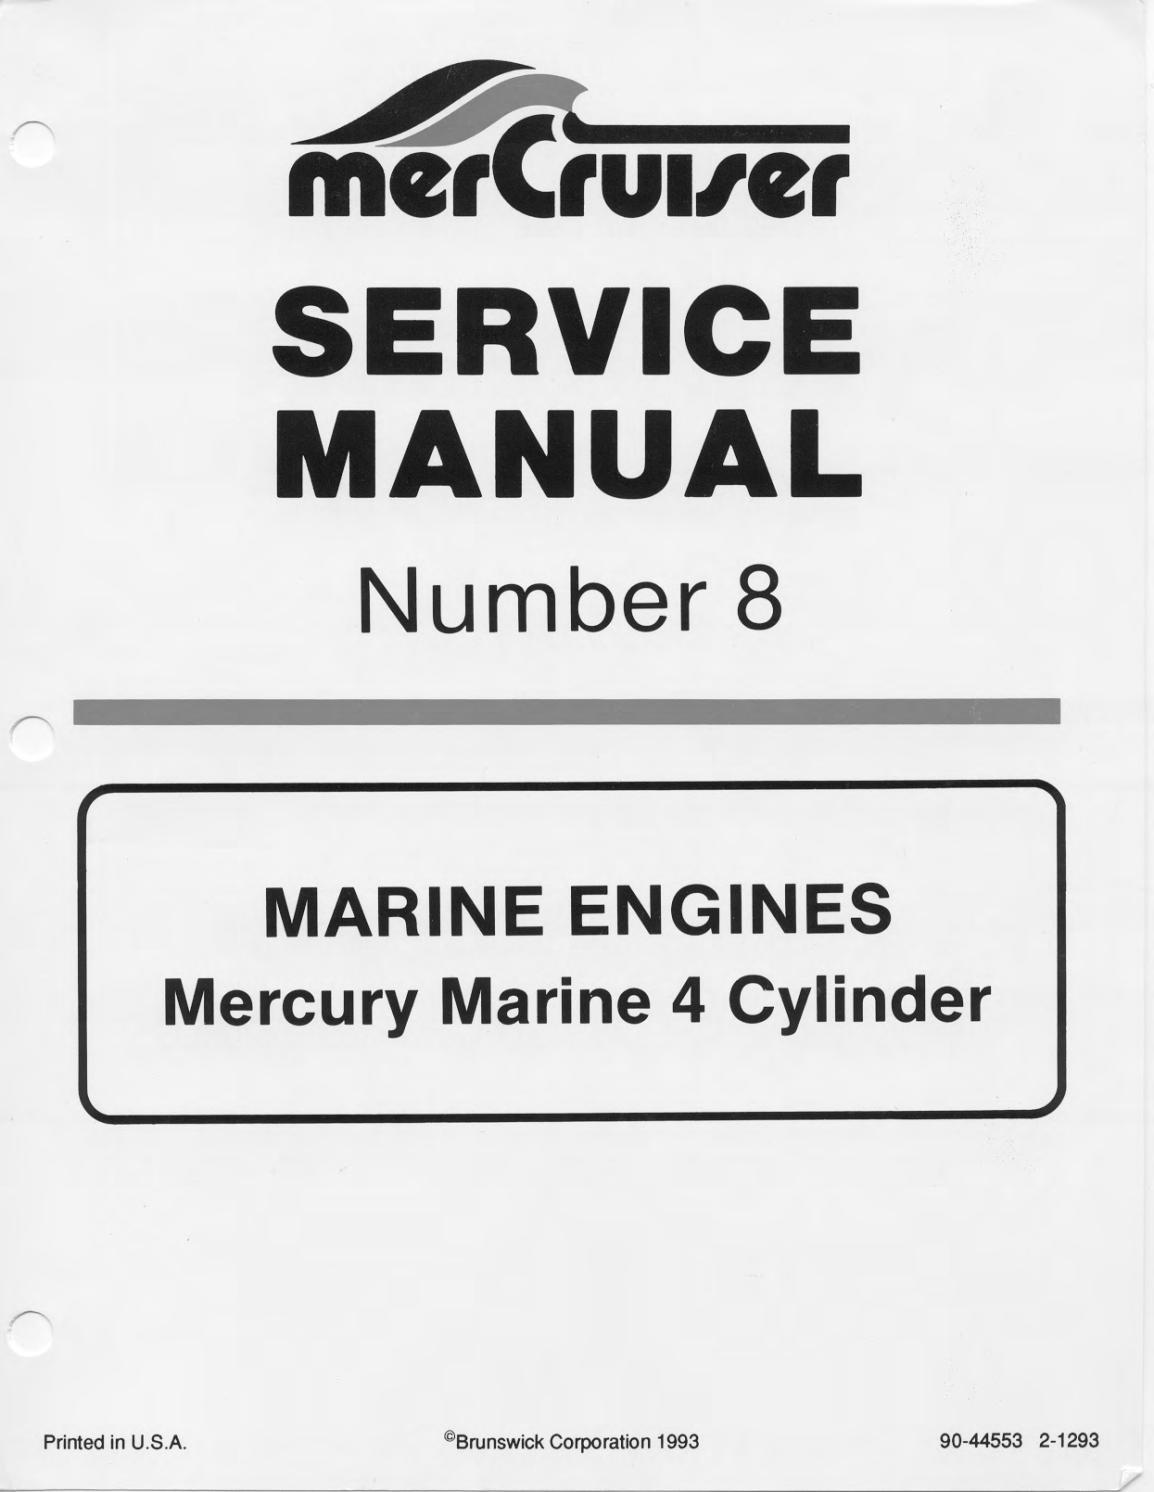 Mercruiser Marine Engines Mercury Marine 4 Cylinder Model